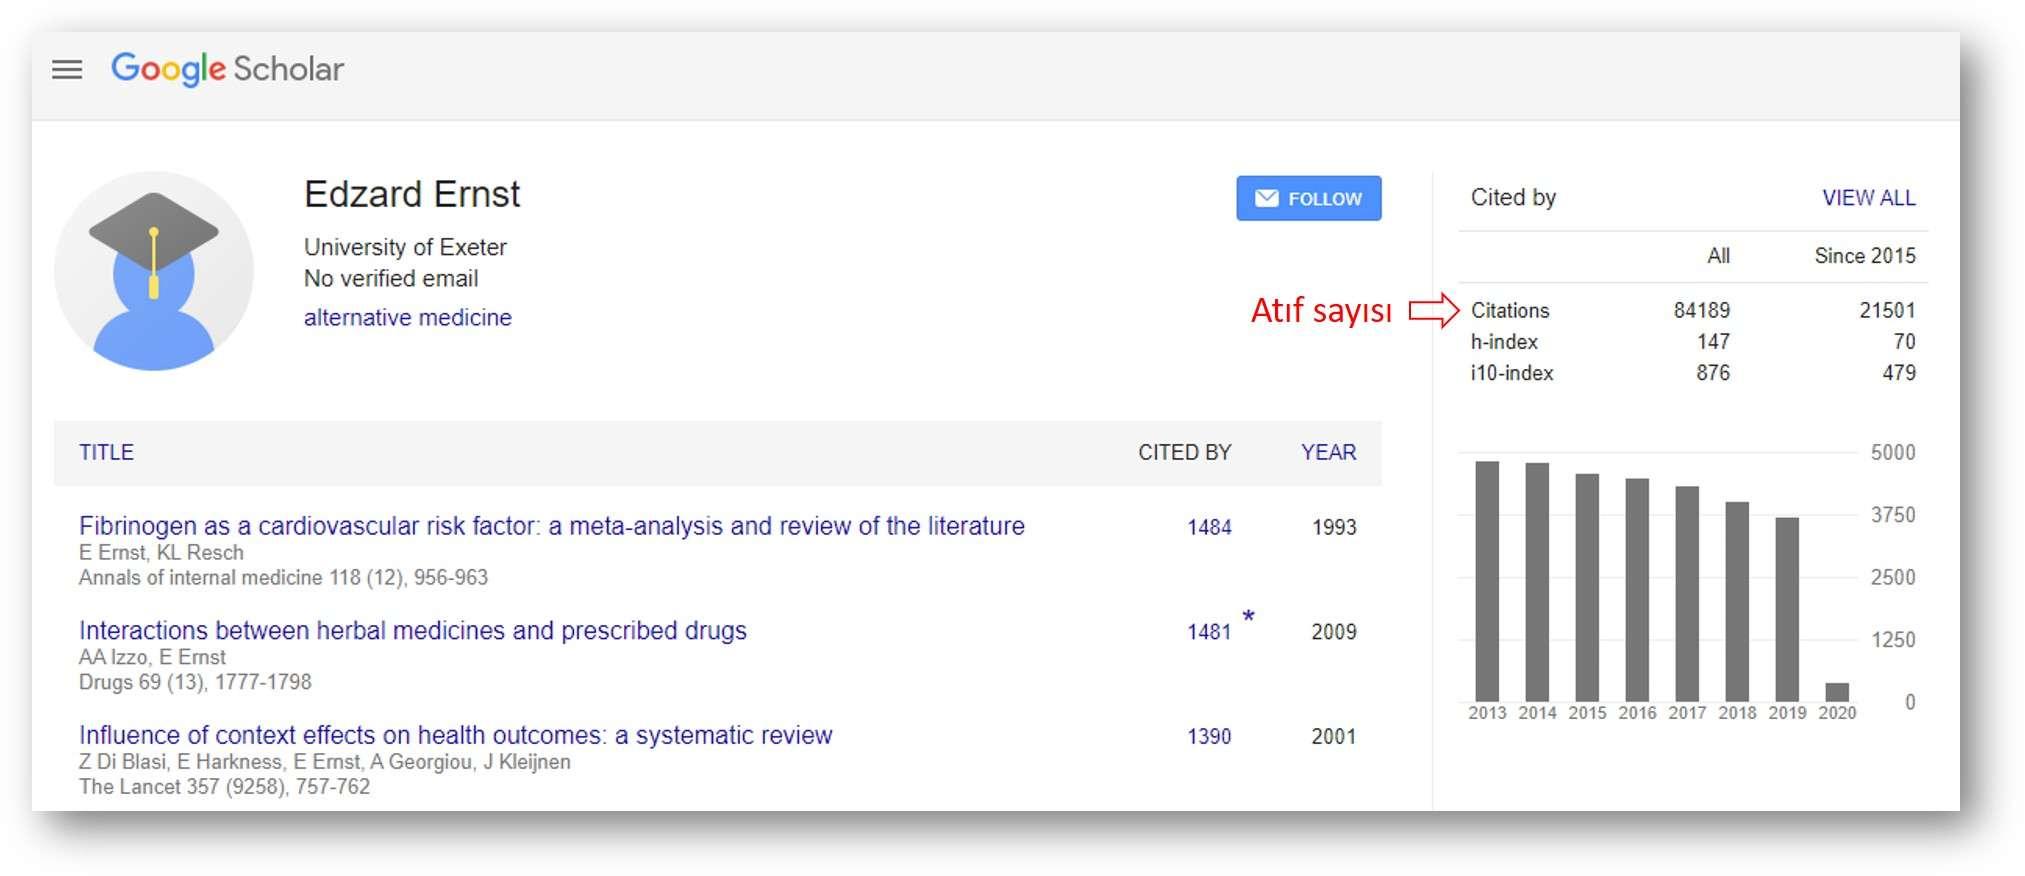 edzard ernst bilim insanı google scholar atıf sayısı